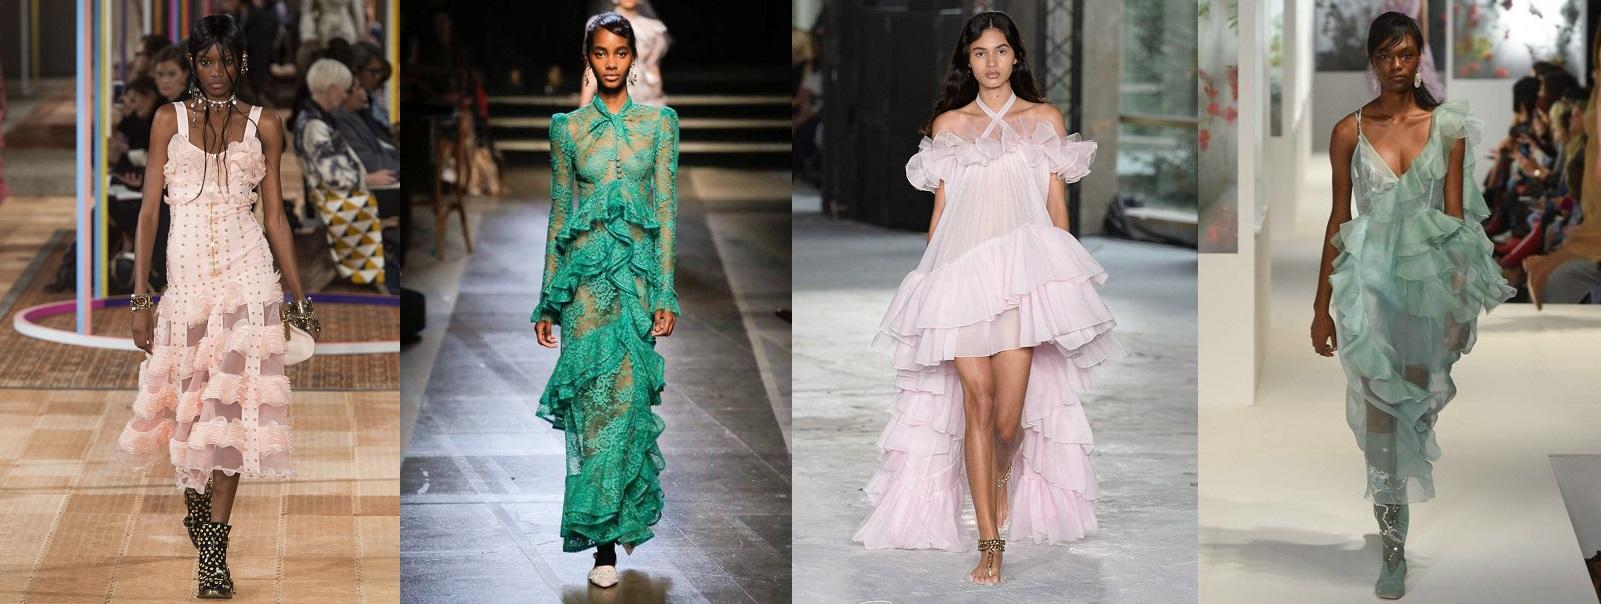 21 trendów na sezon wiosna- lato 2018. falbaniaste sukienki